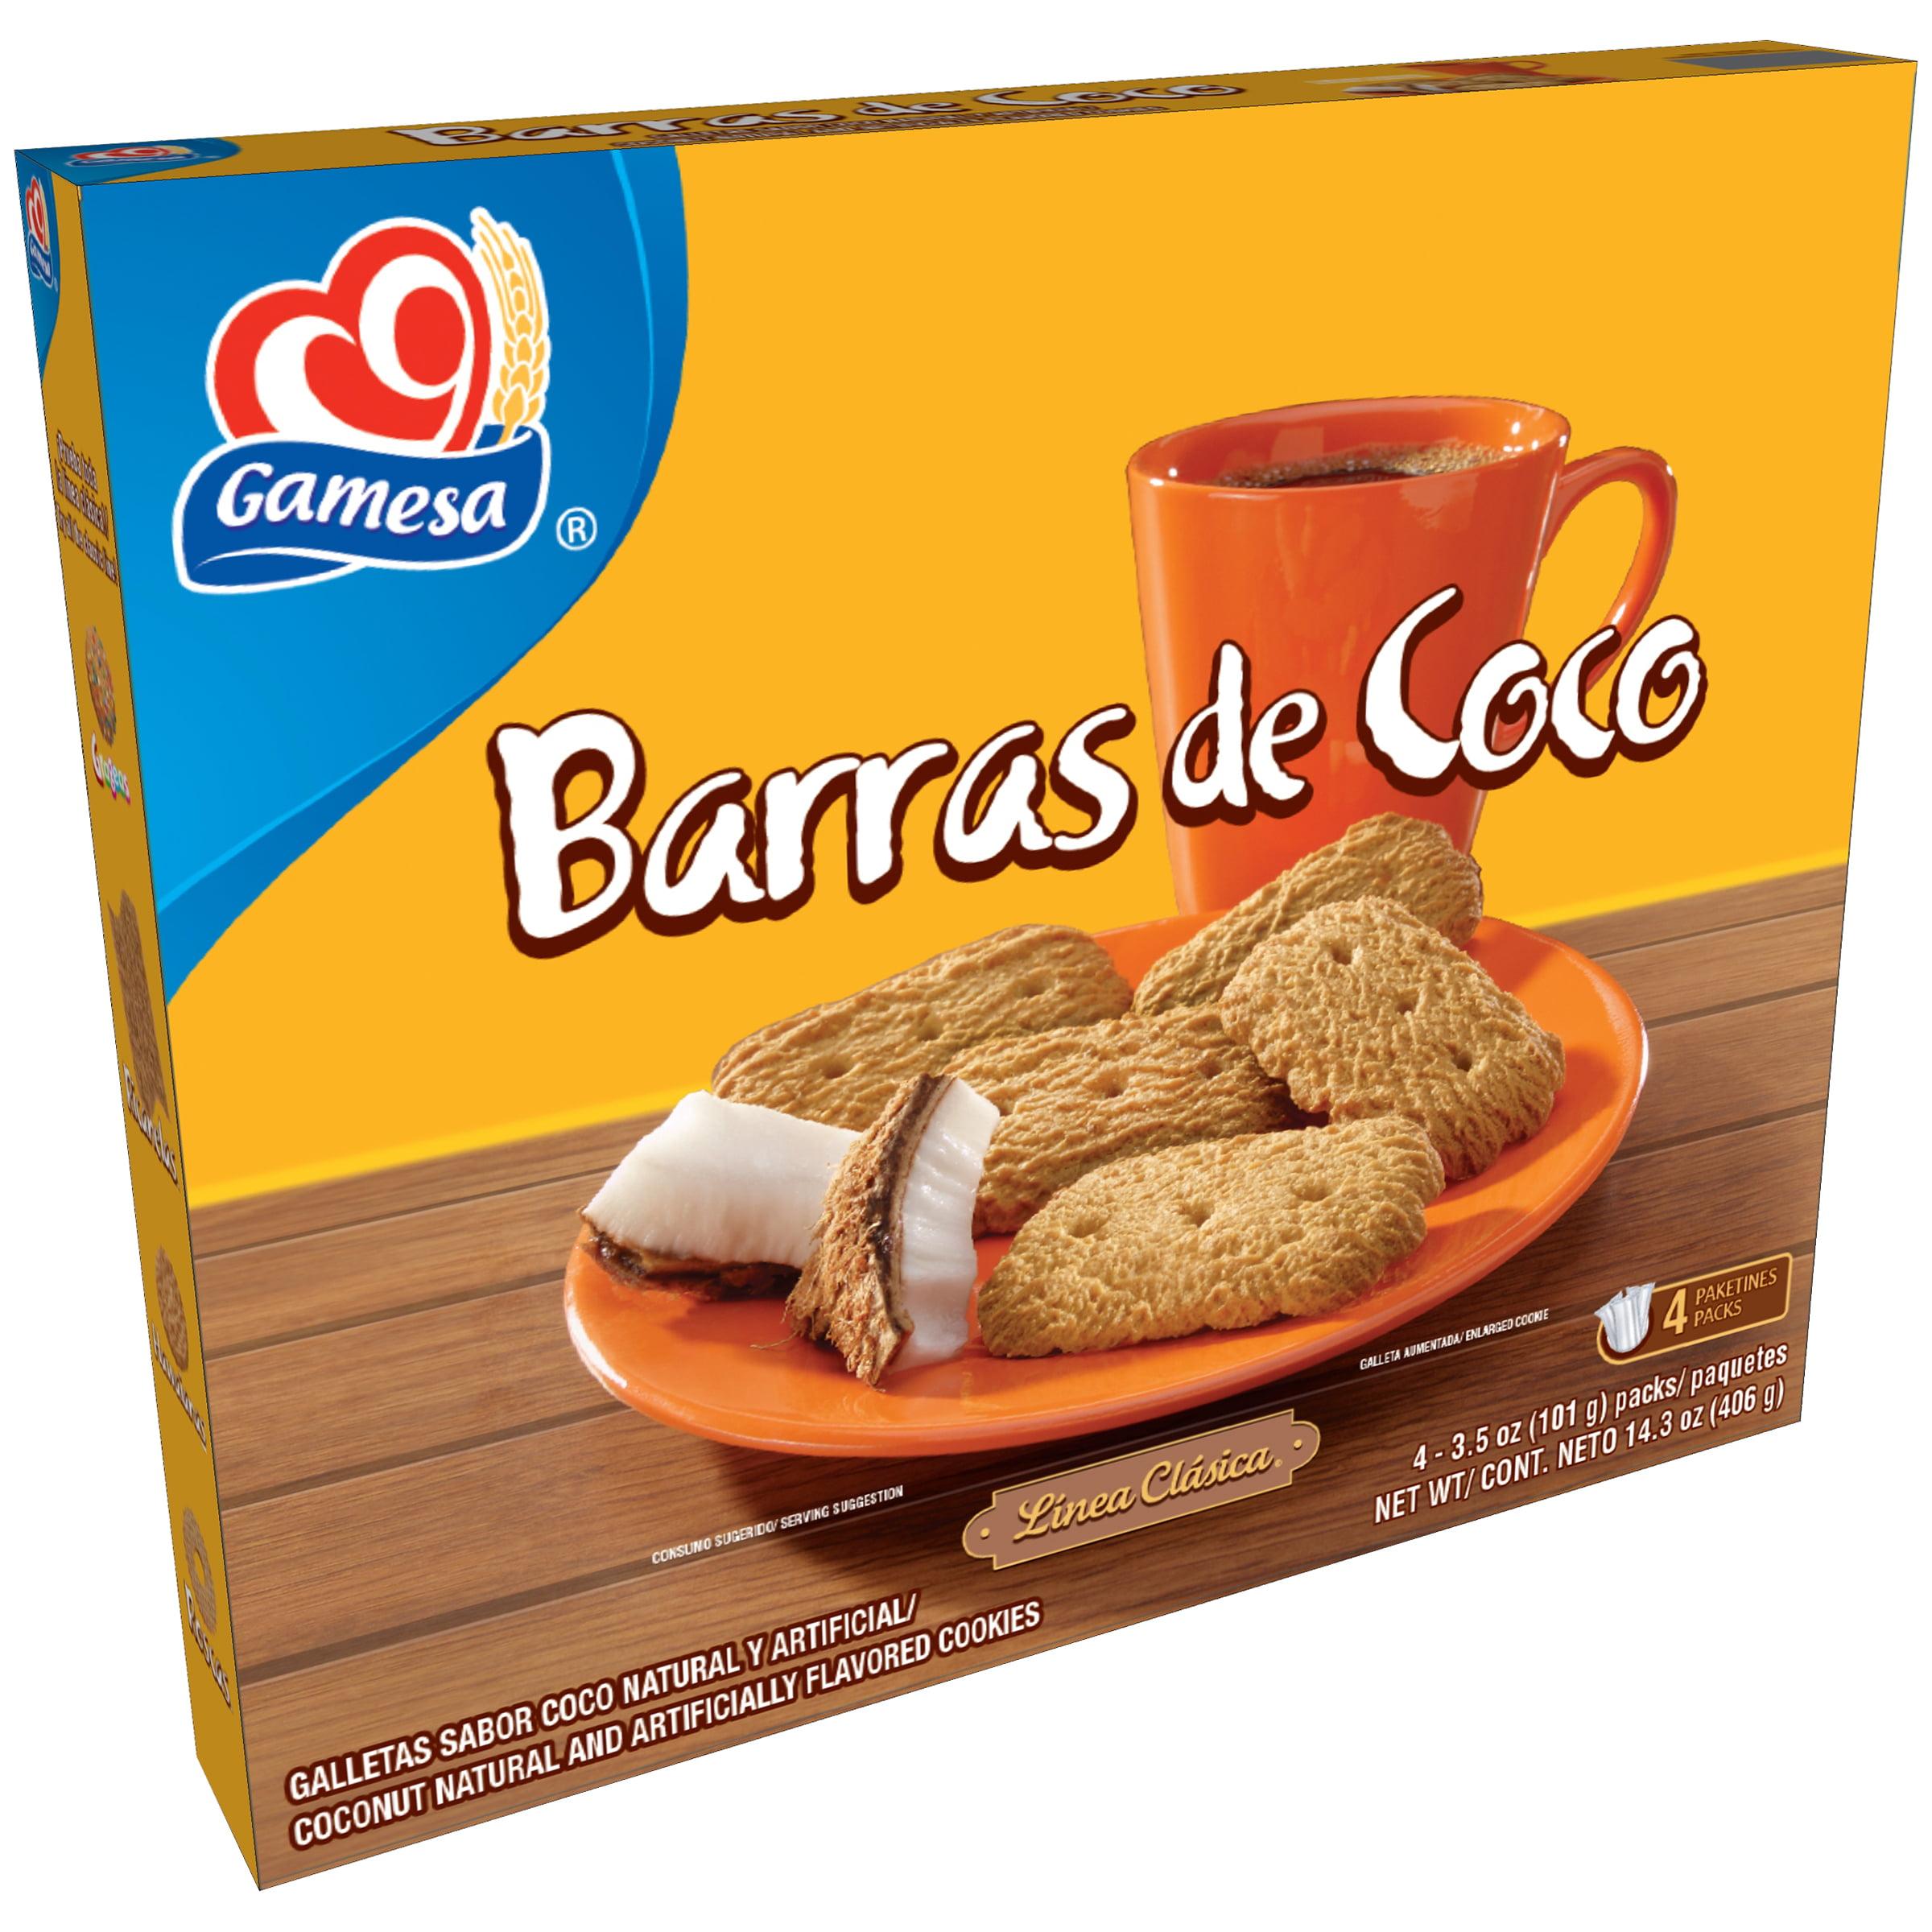 Gamesa Barras de Coco Coconut Cookies, 3.5 Oz., 4 Count